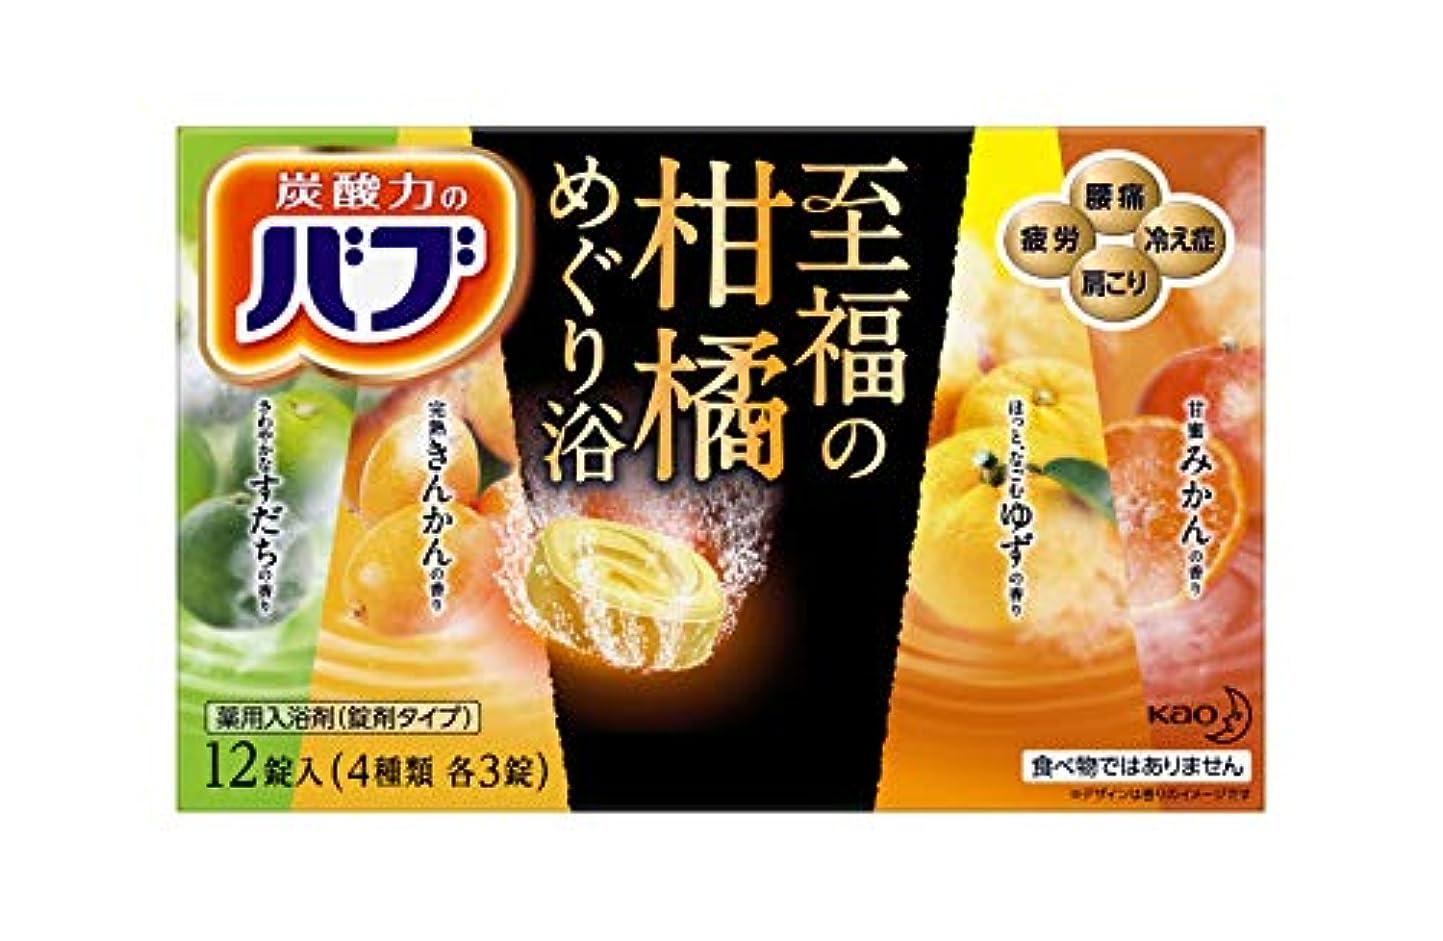 エイリアンオーバーコート含めるバブ 至福の柑橘めぐり浴 12錠入 (4種類各3錠入)